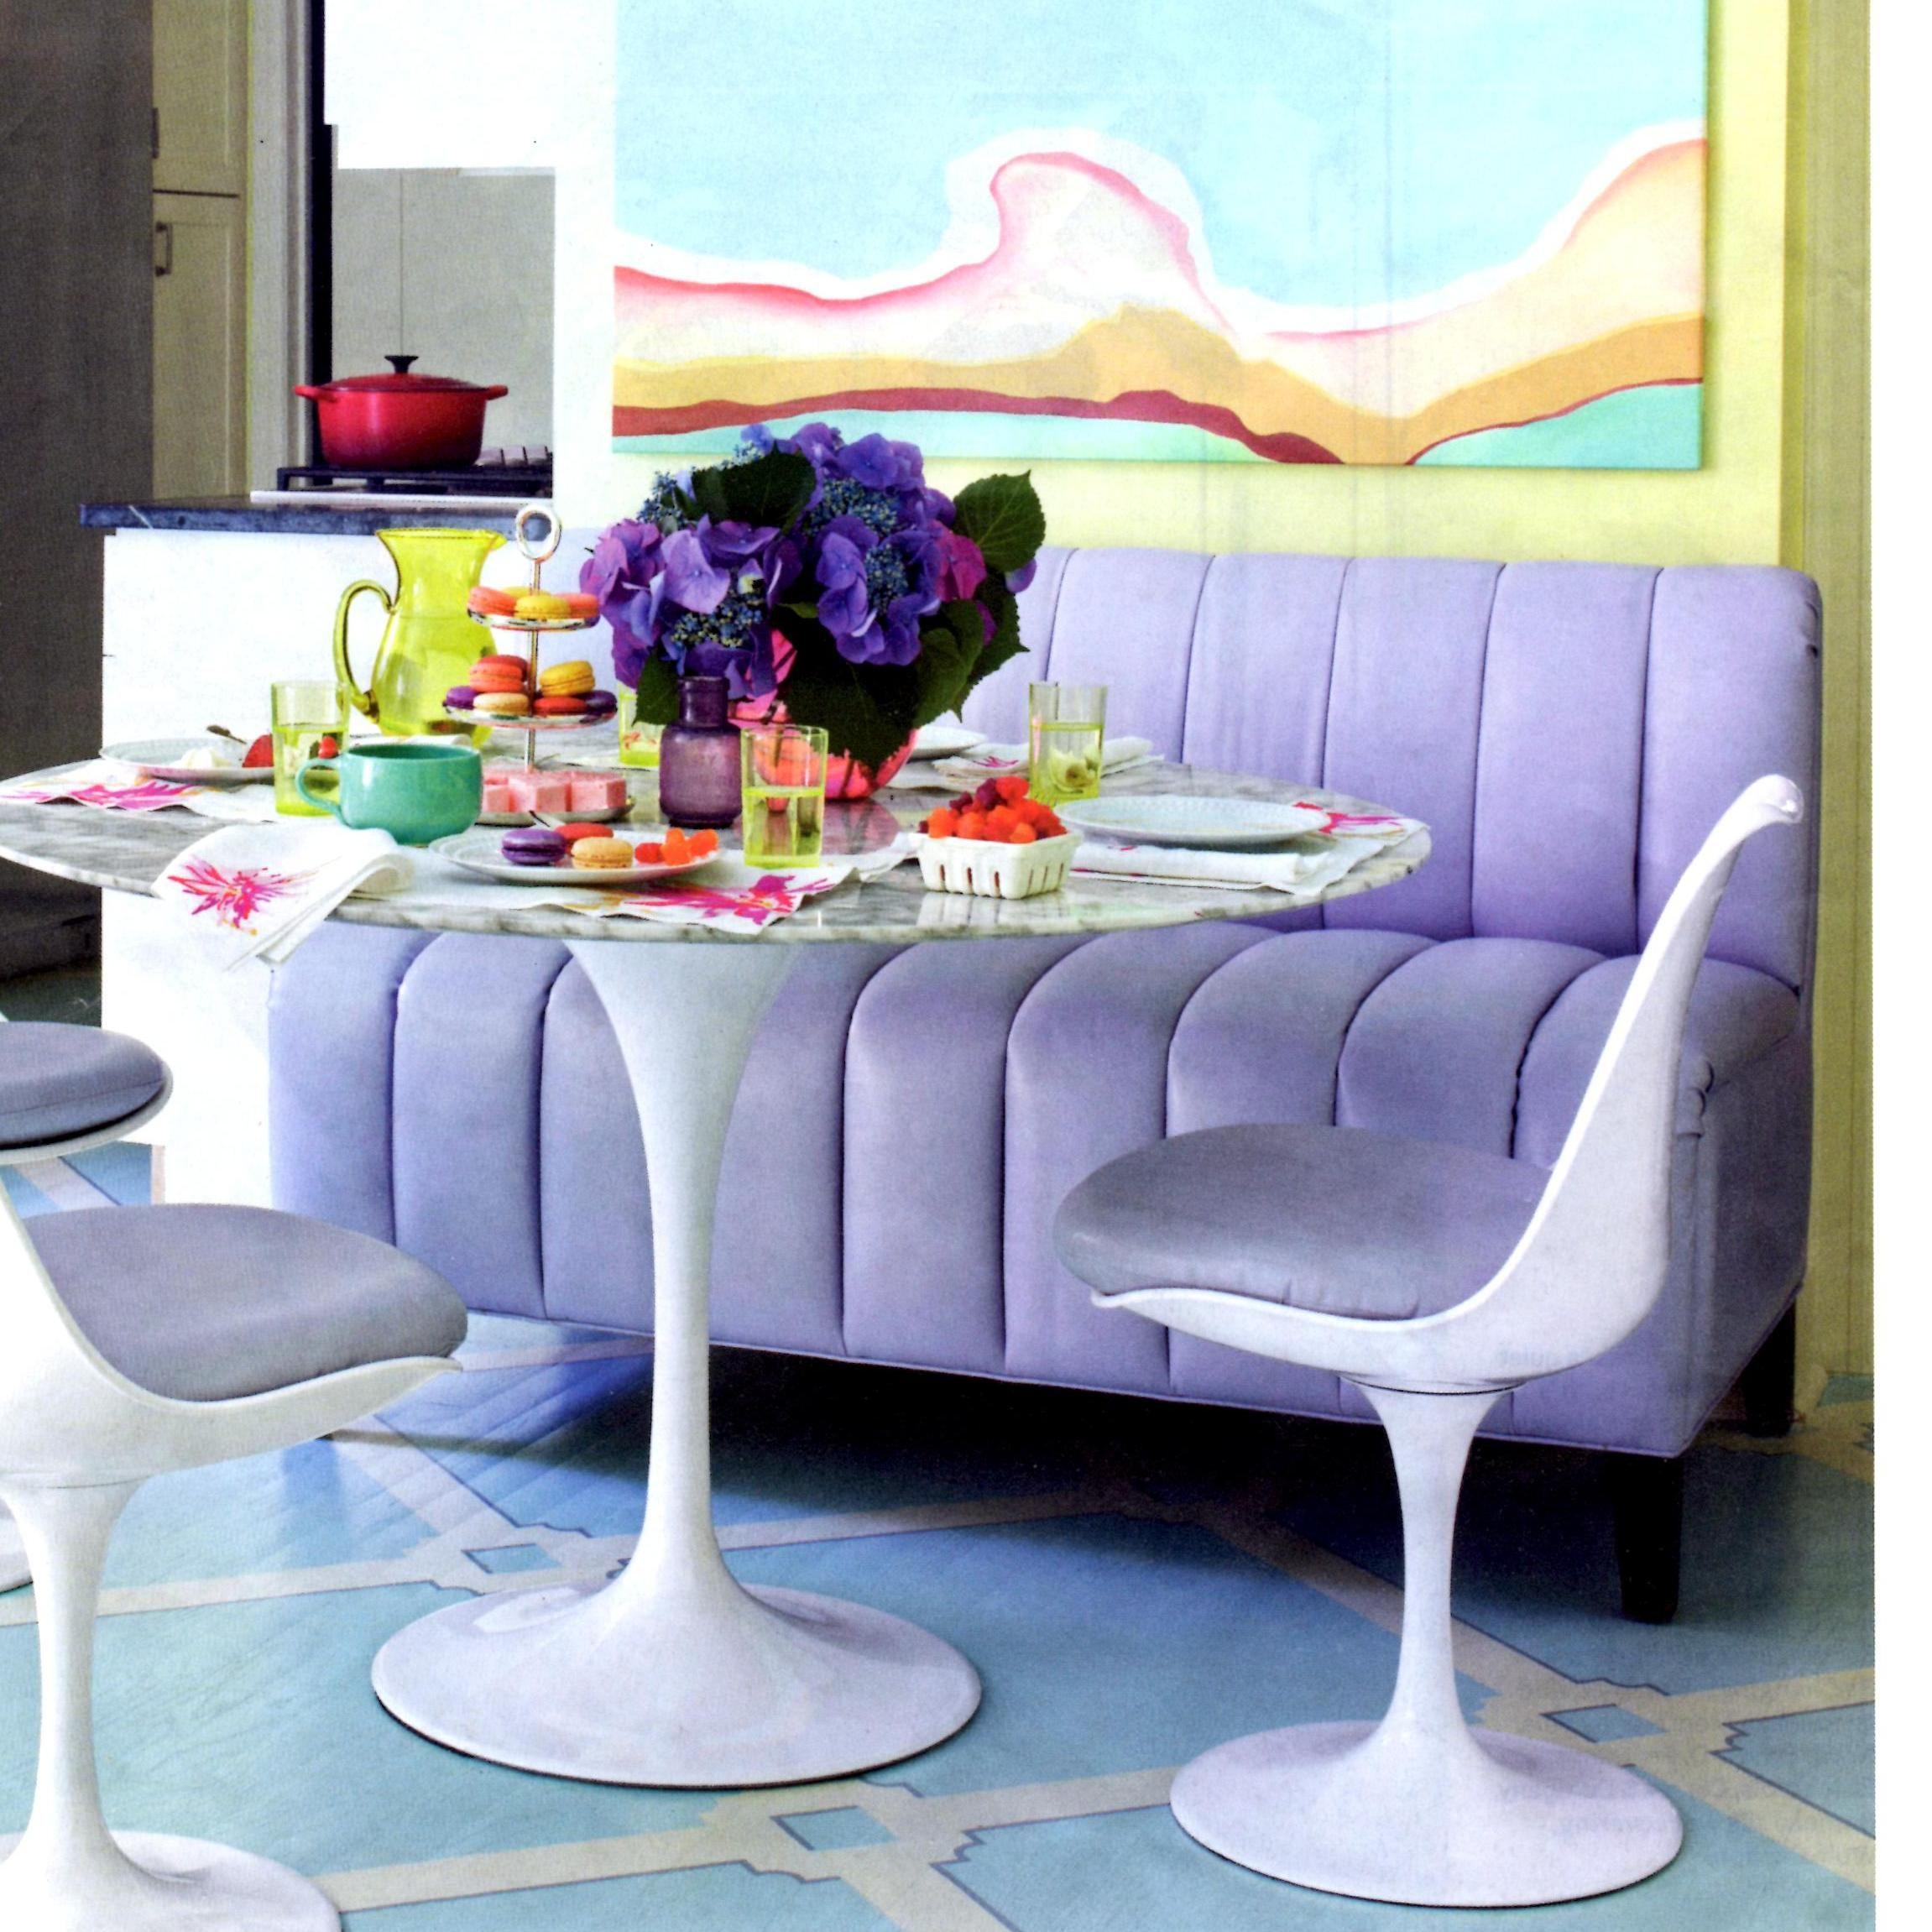 channeled banquette | kitchens + bath | pinterest | banquettes